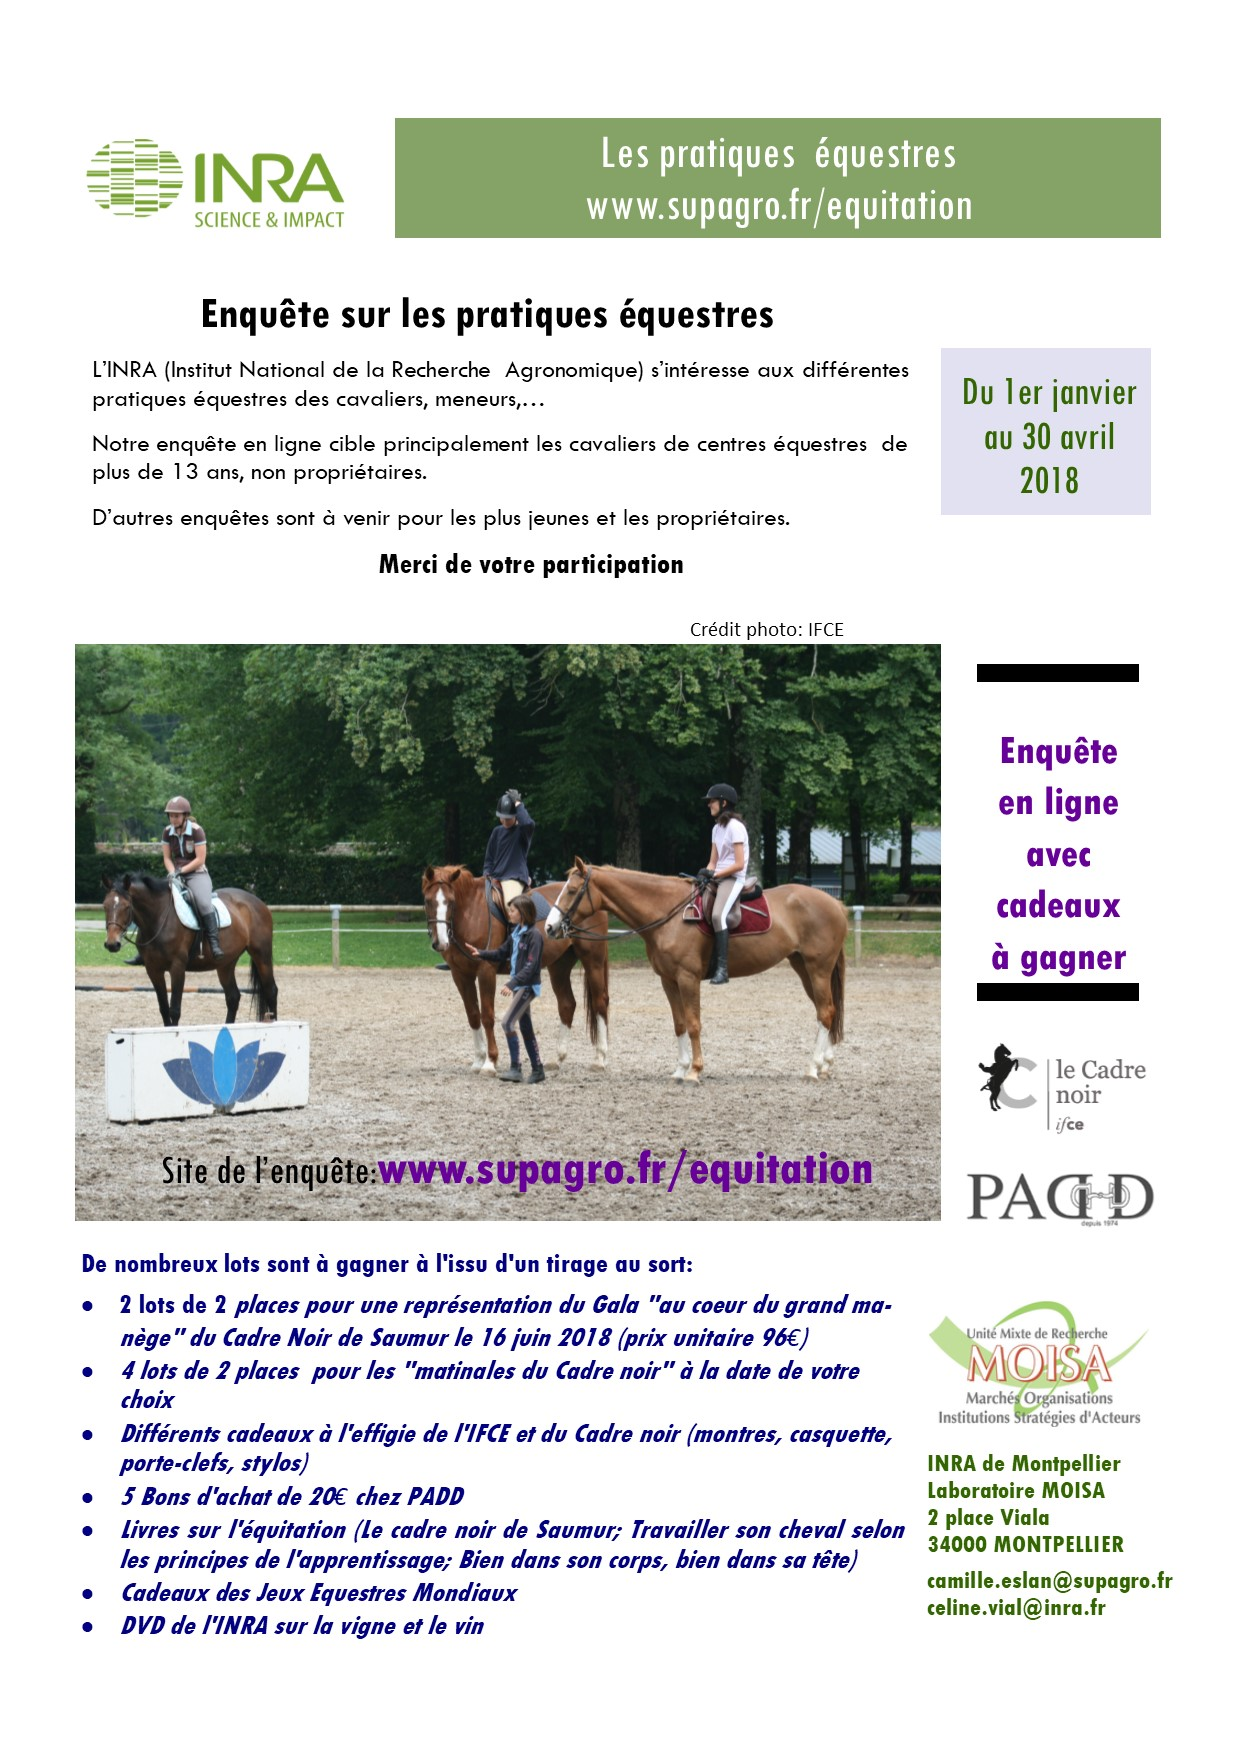 INRA : enquête sur les pratiques équestres